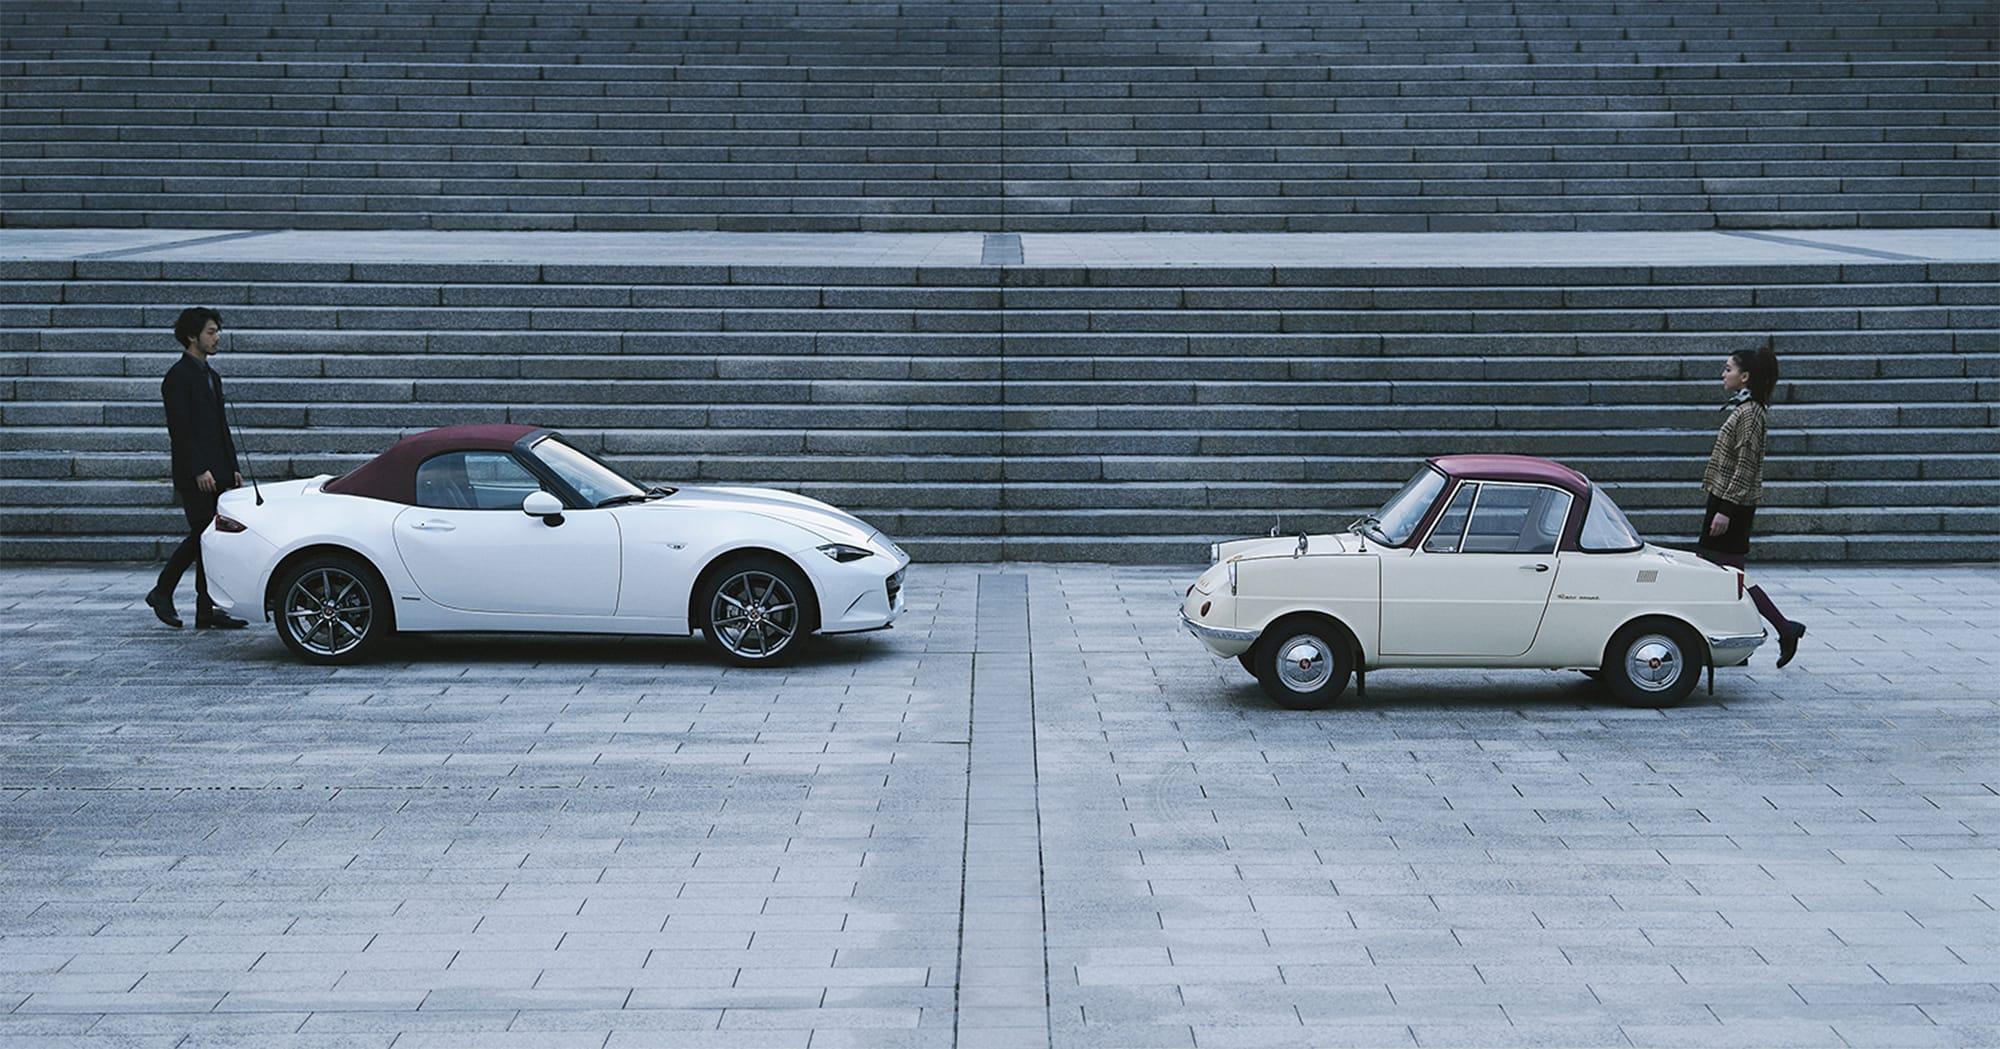 マツダ初の乗用車「R360クーペ」は、マツダのクルマづくりの原点。現代のツーシータークーペ、ロードスターにも志が受け継がれている。